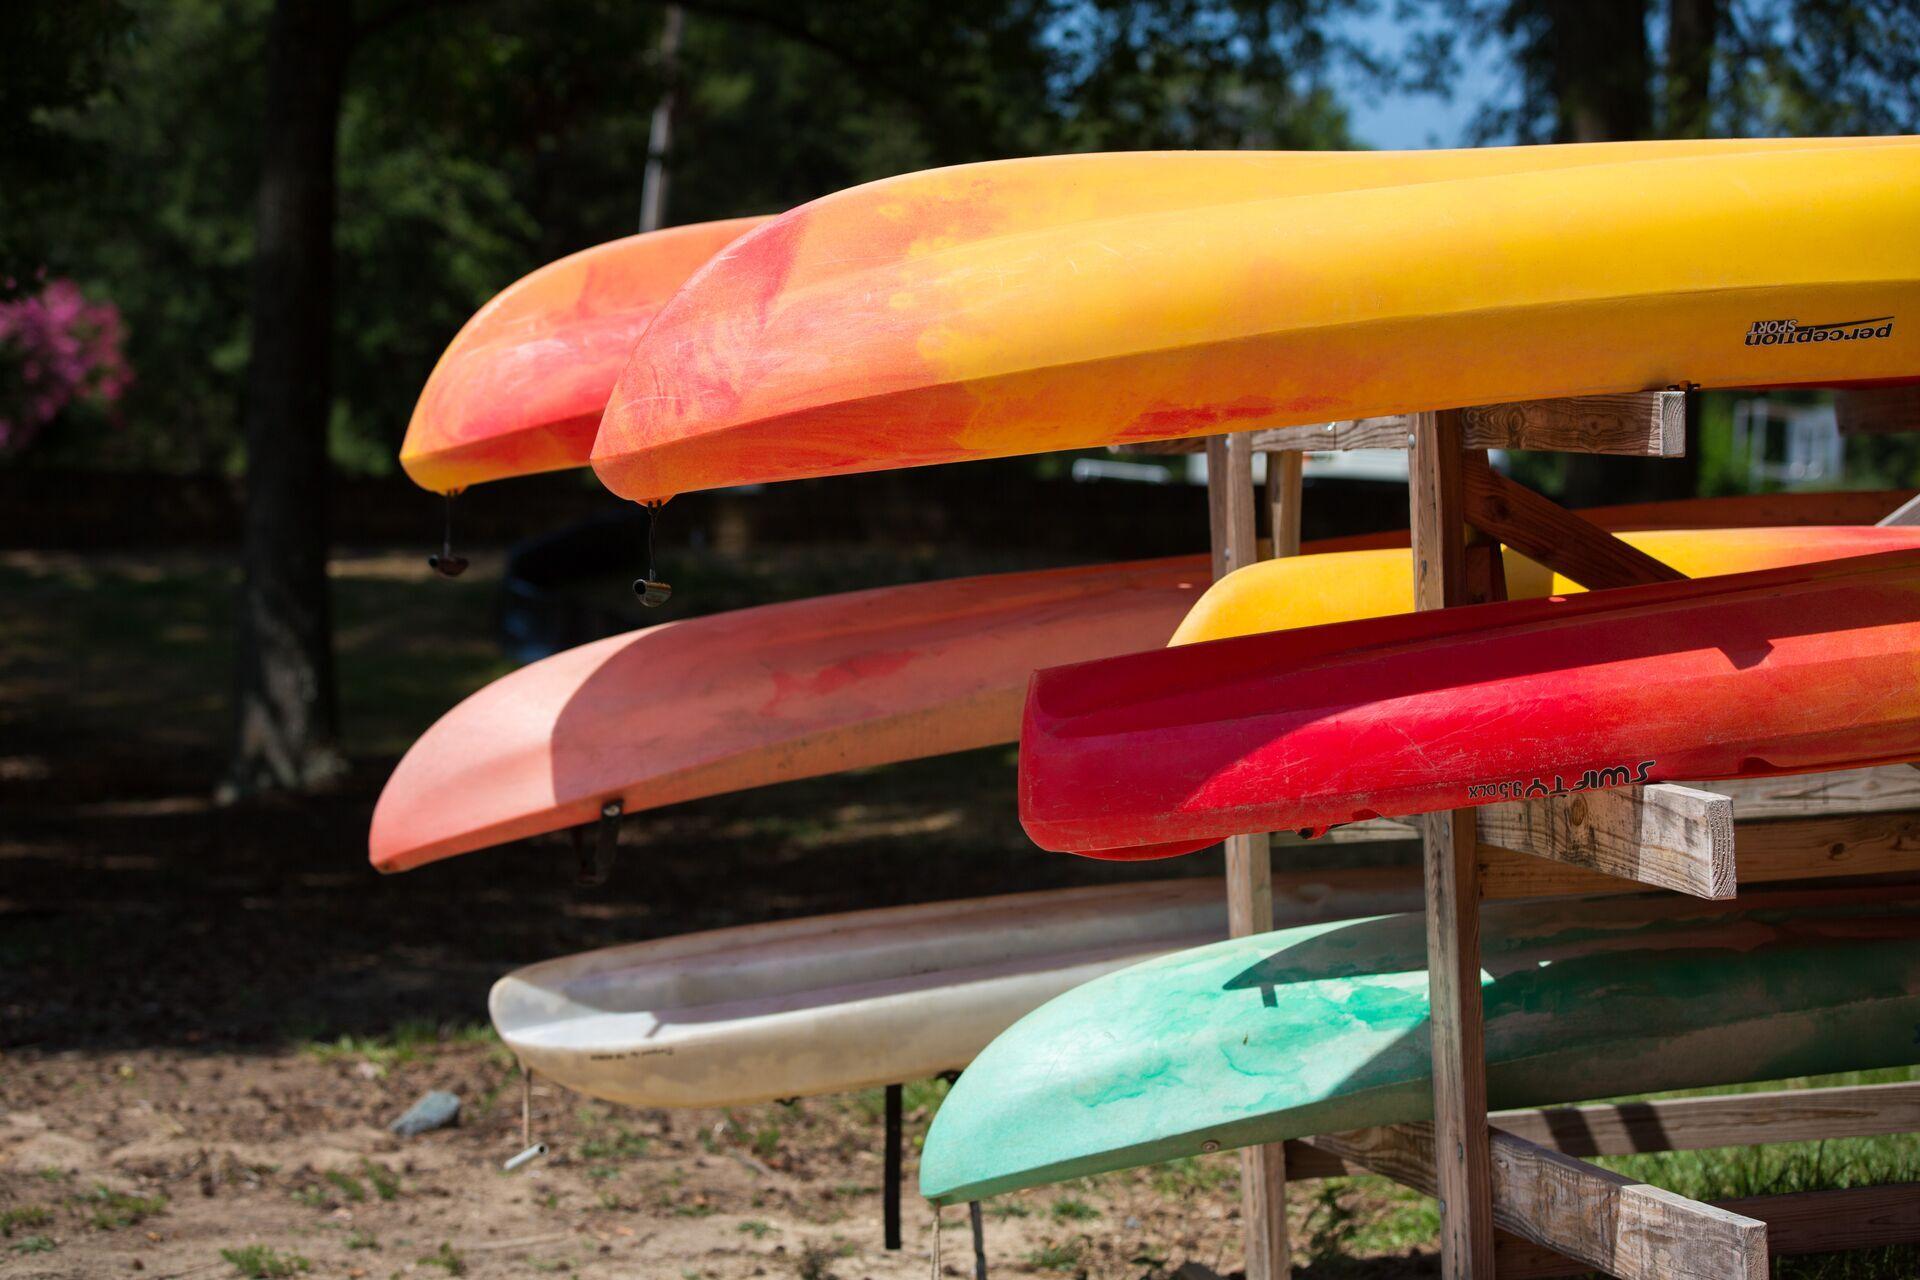 Contact us at YMCA Thunderbird Camp